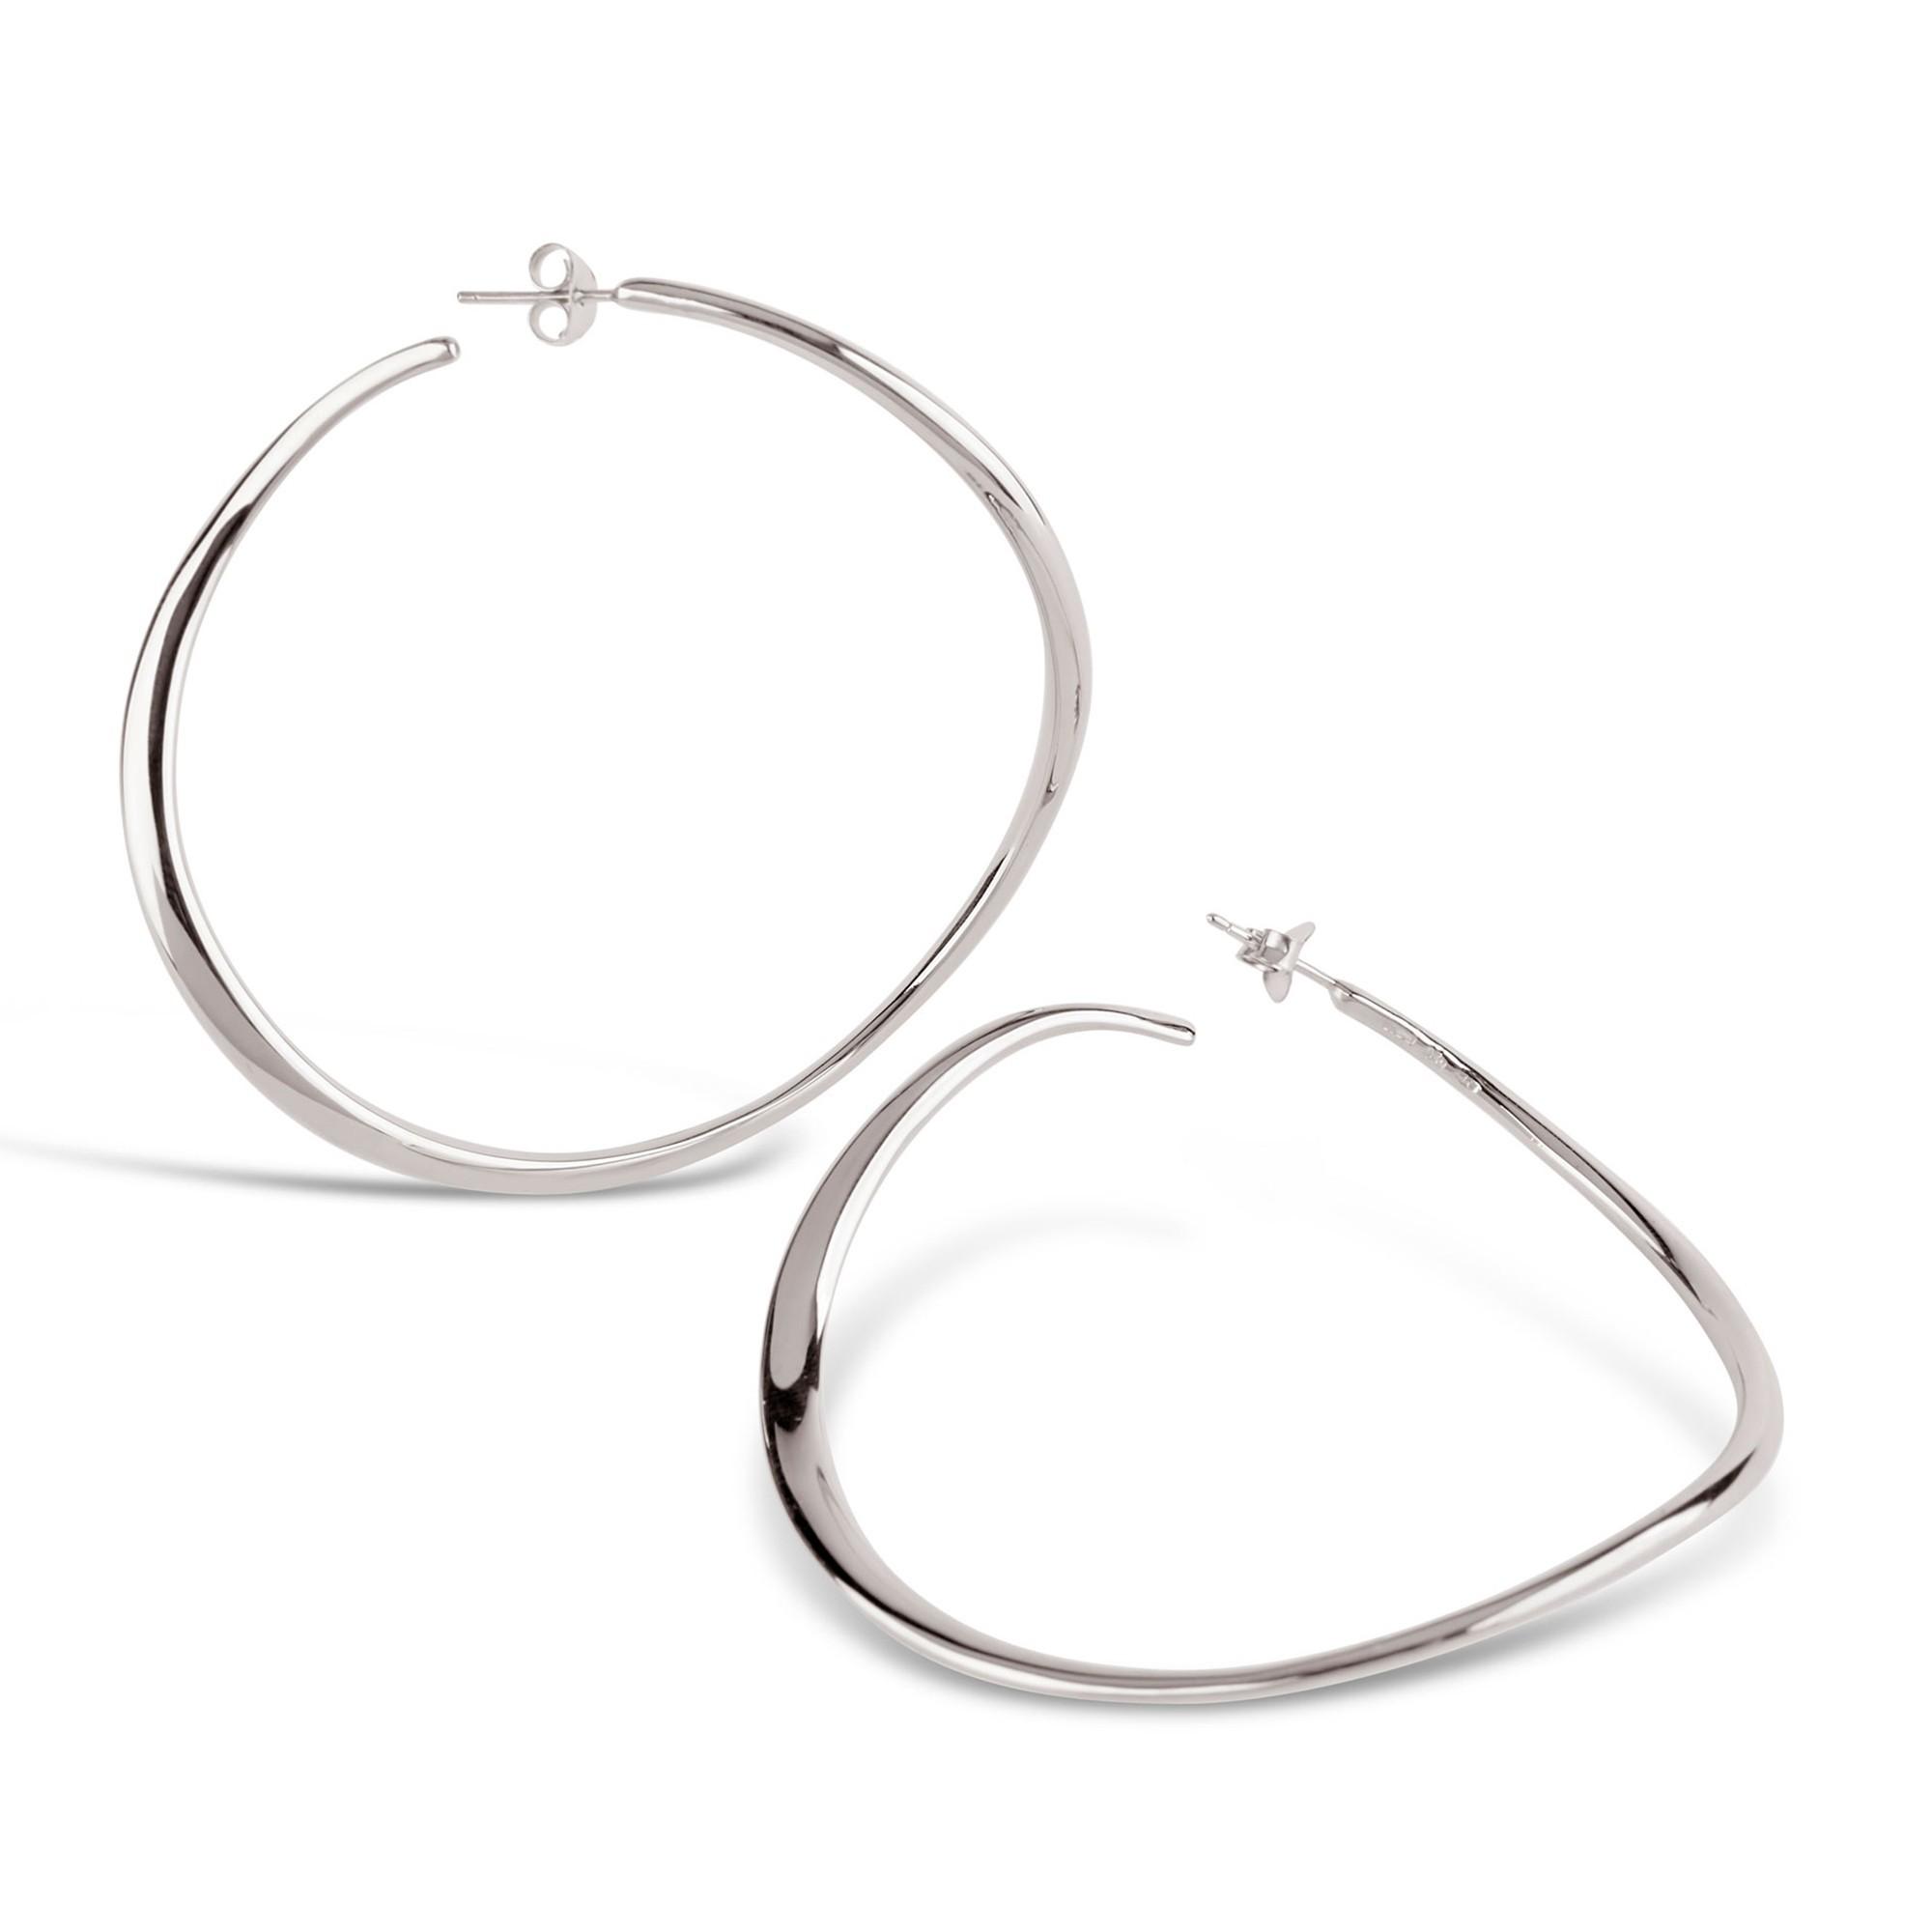 DINNY HALL SILVER WAVE XL HOOP EARRINGS